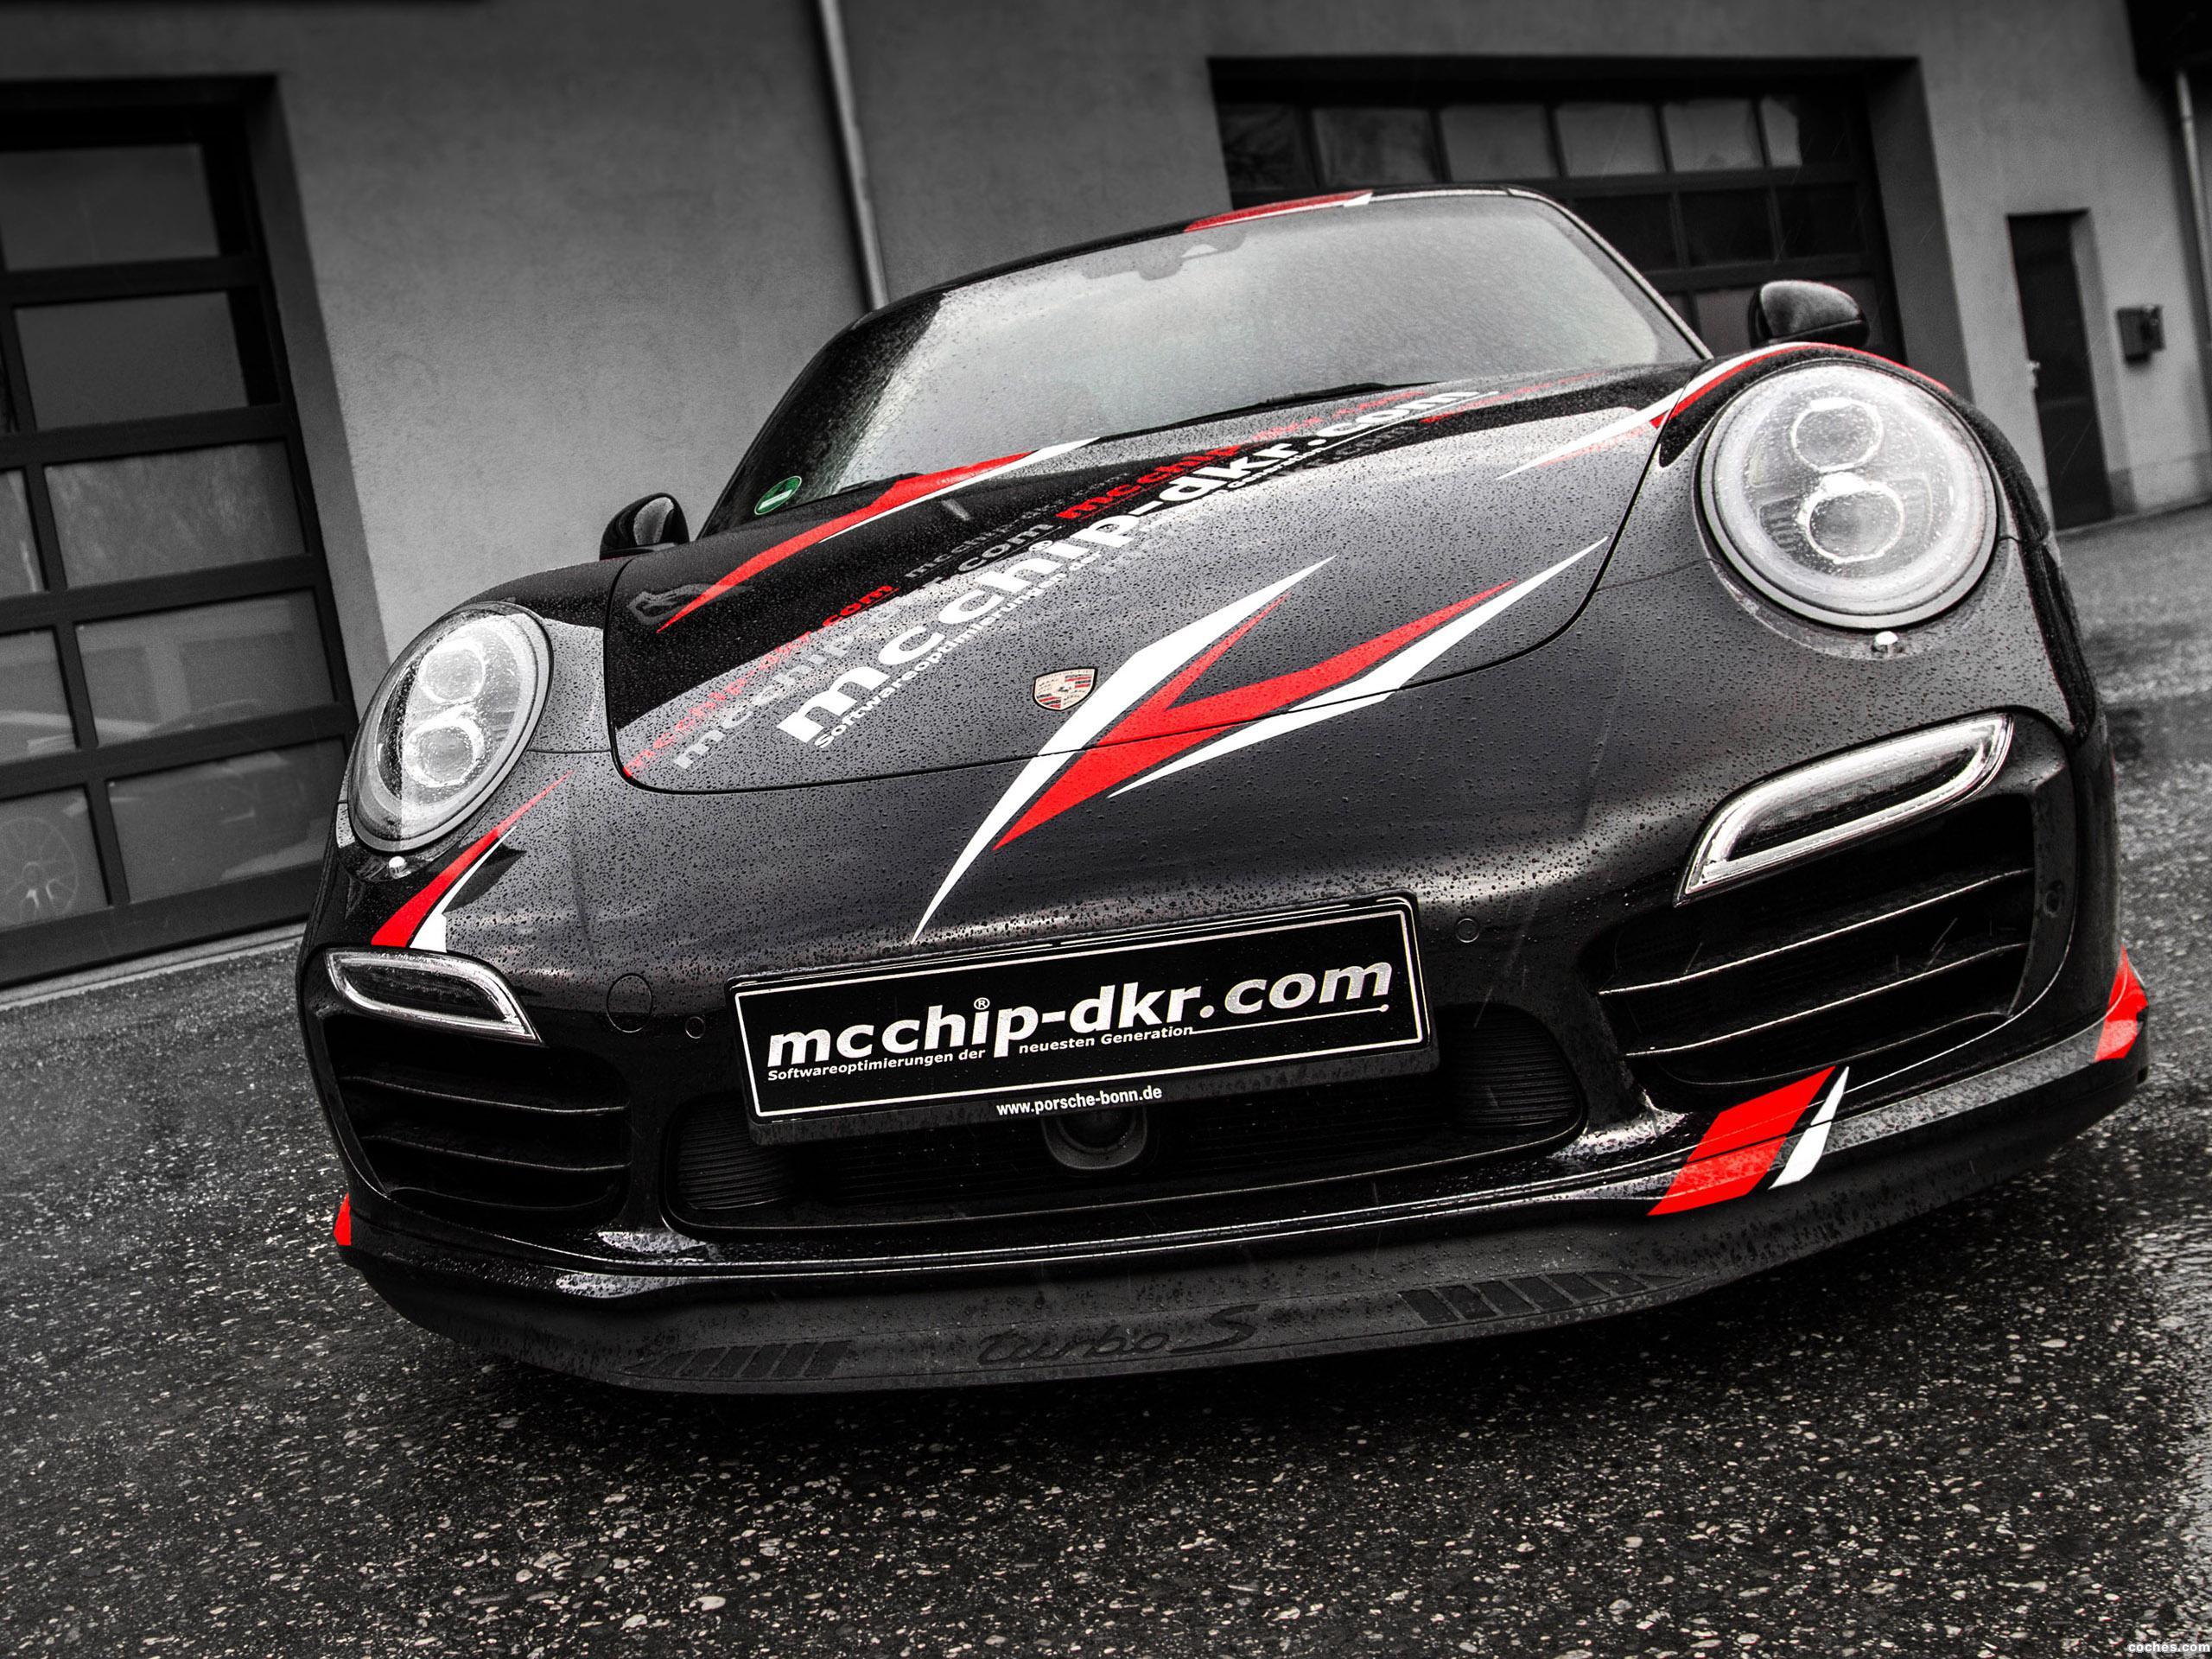 Foto 0 de McChip-DKR Porsche 991 Turbo S 2015